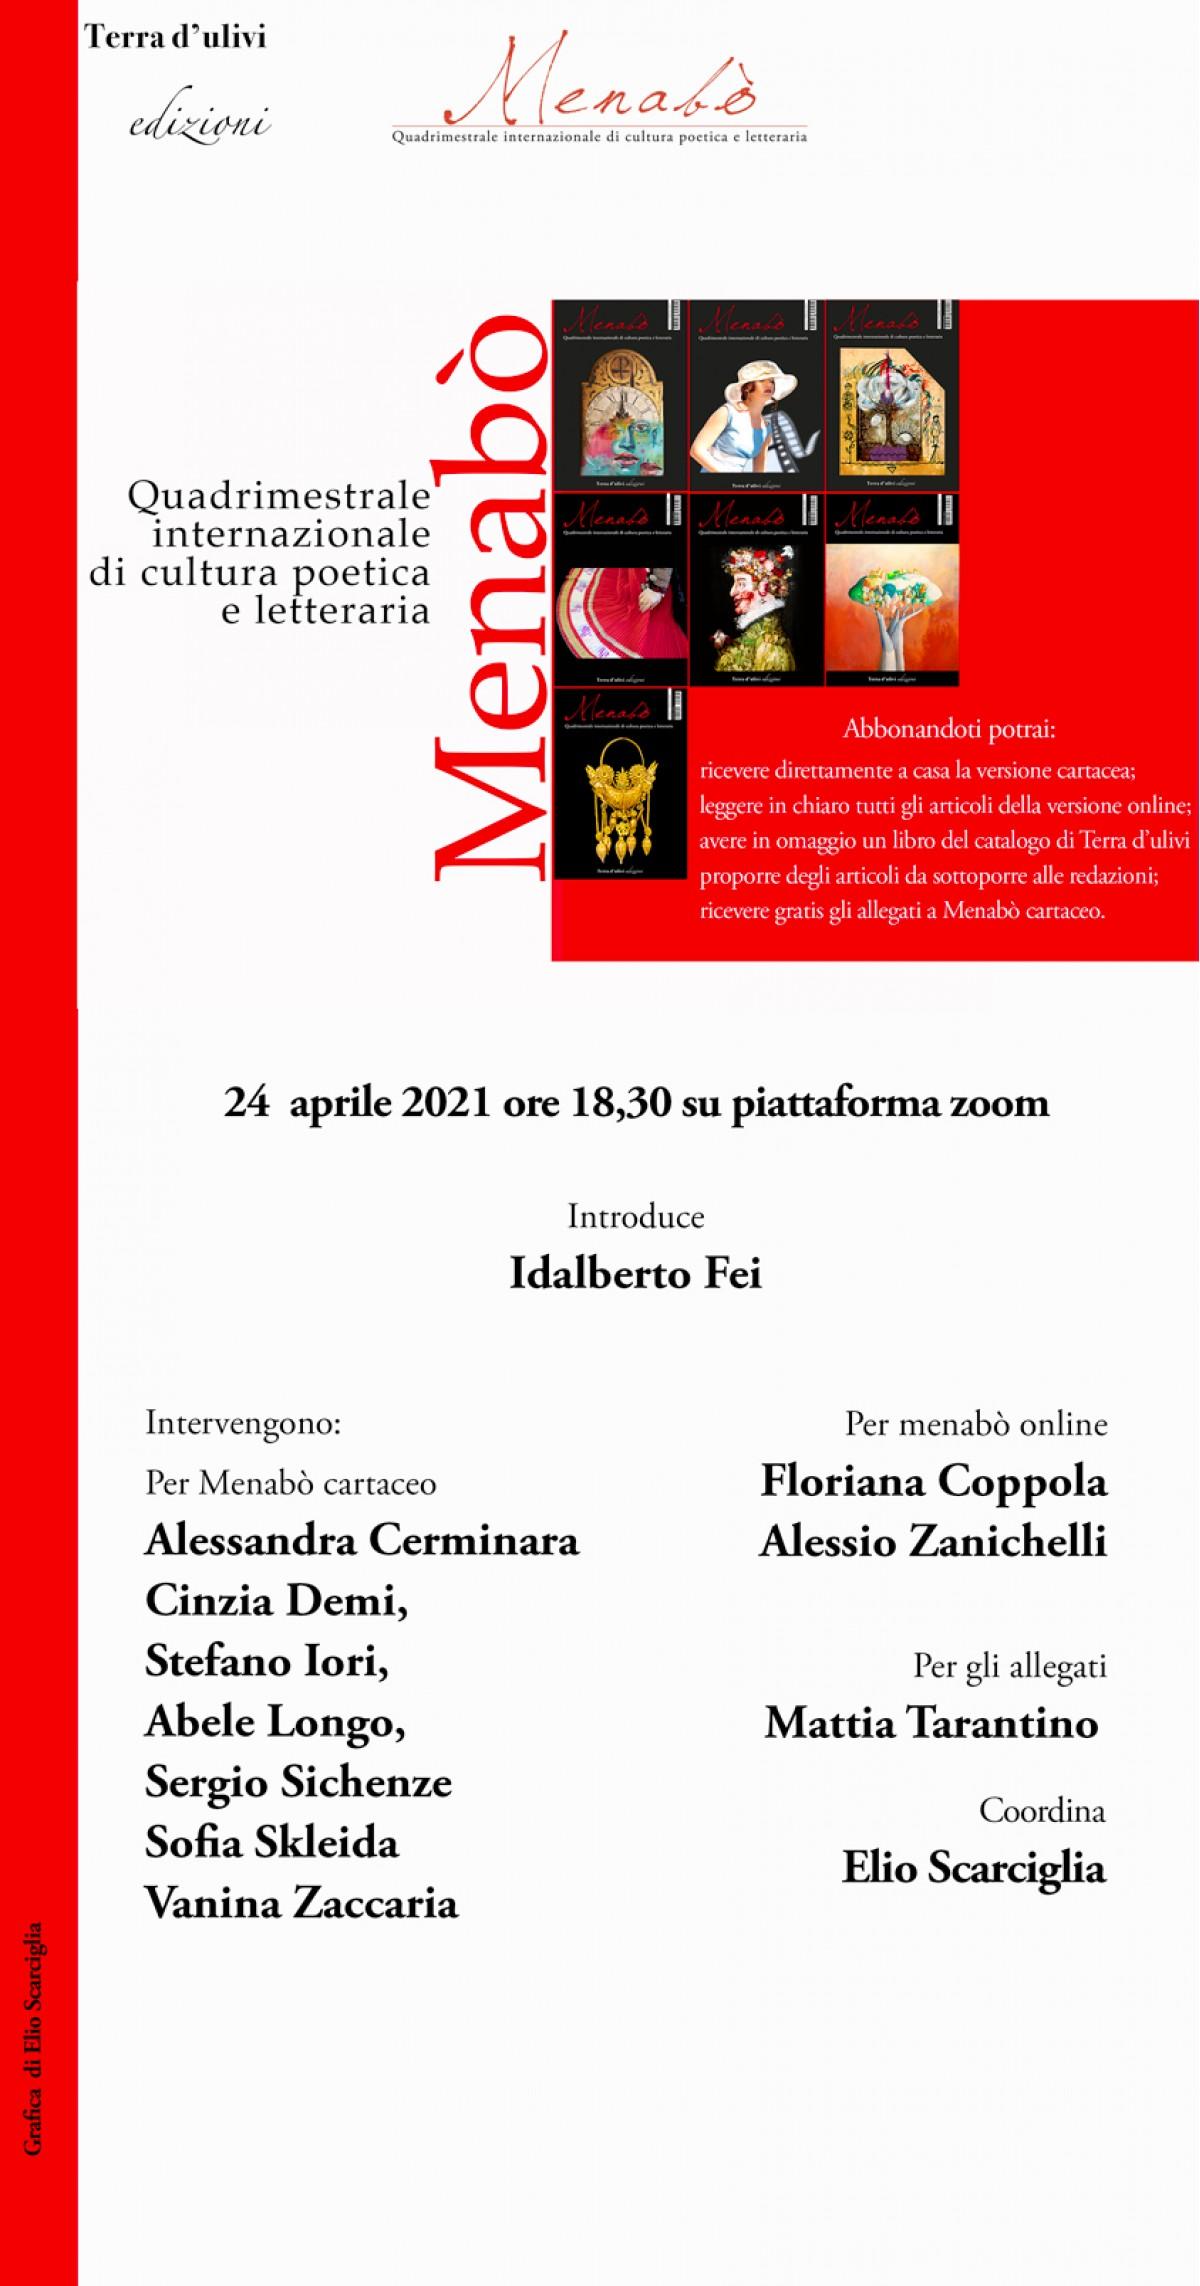 Presentazione di Menabò 24 aprile 2021